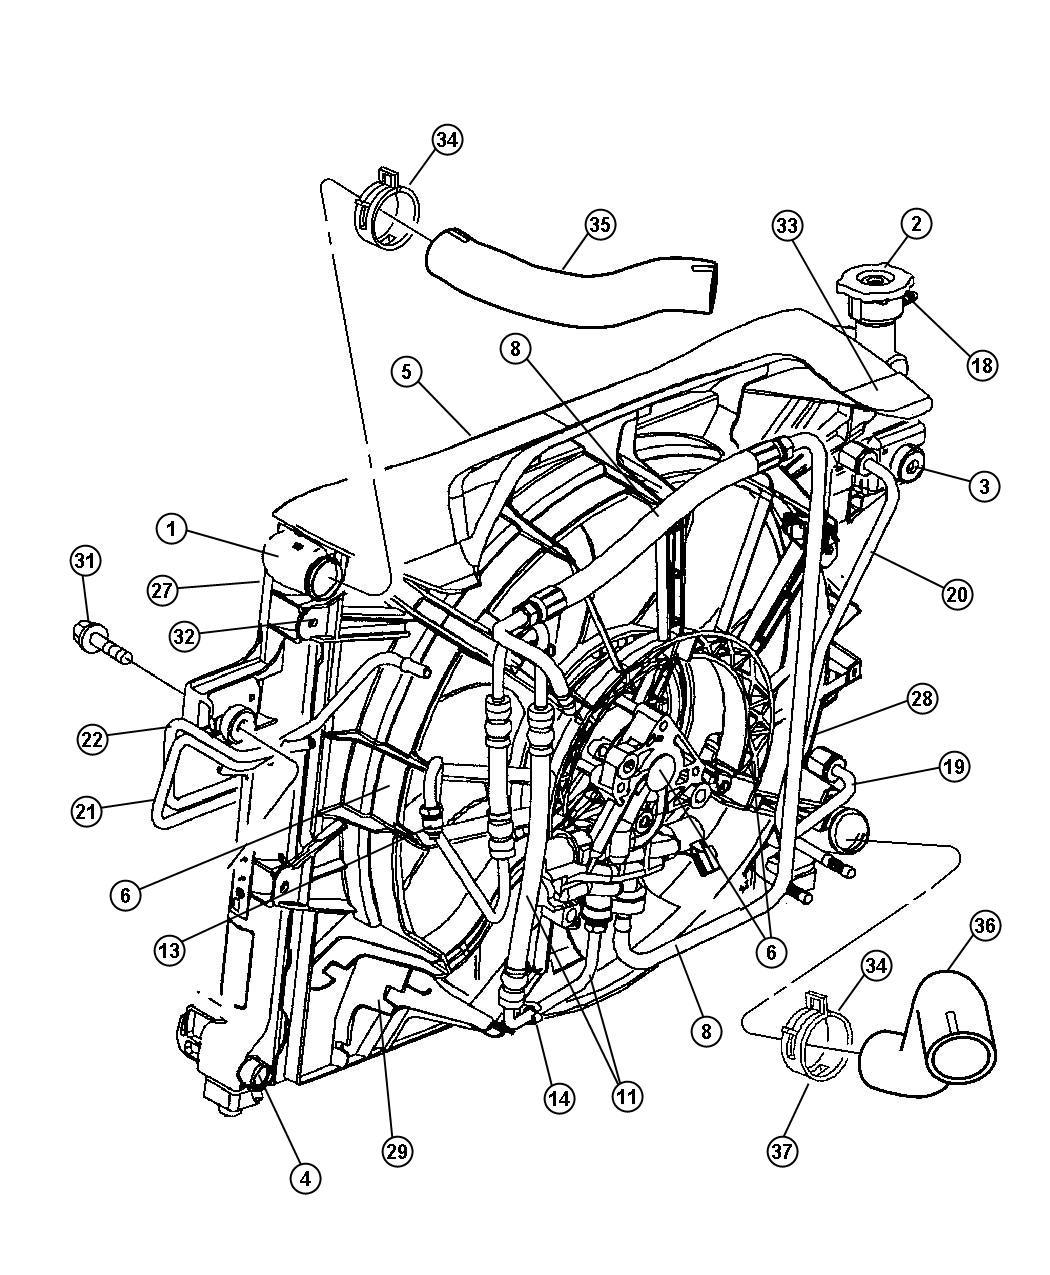 2002 jeep grand cherokee fan module  shroud  solenoid